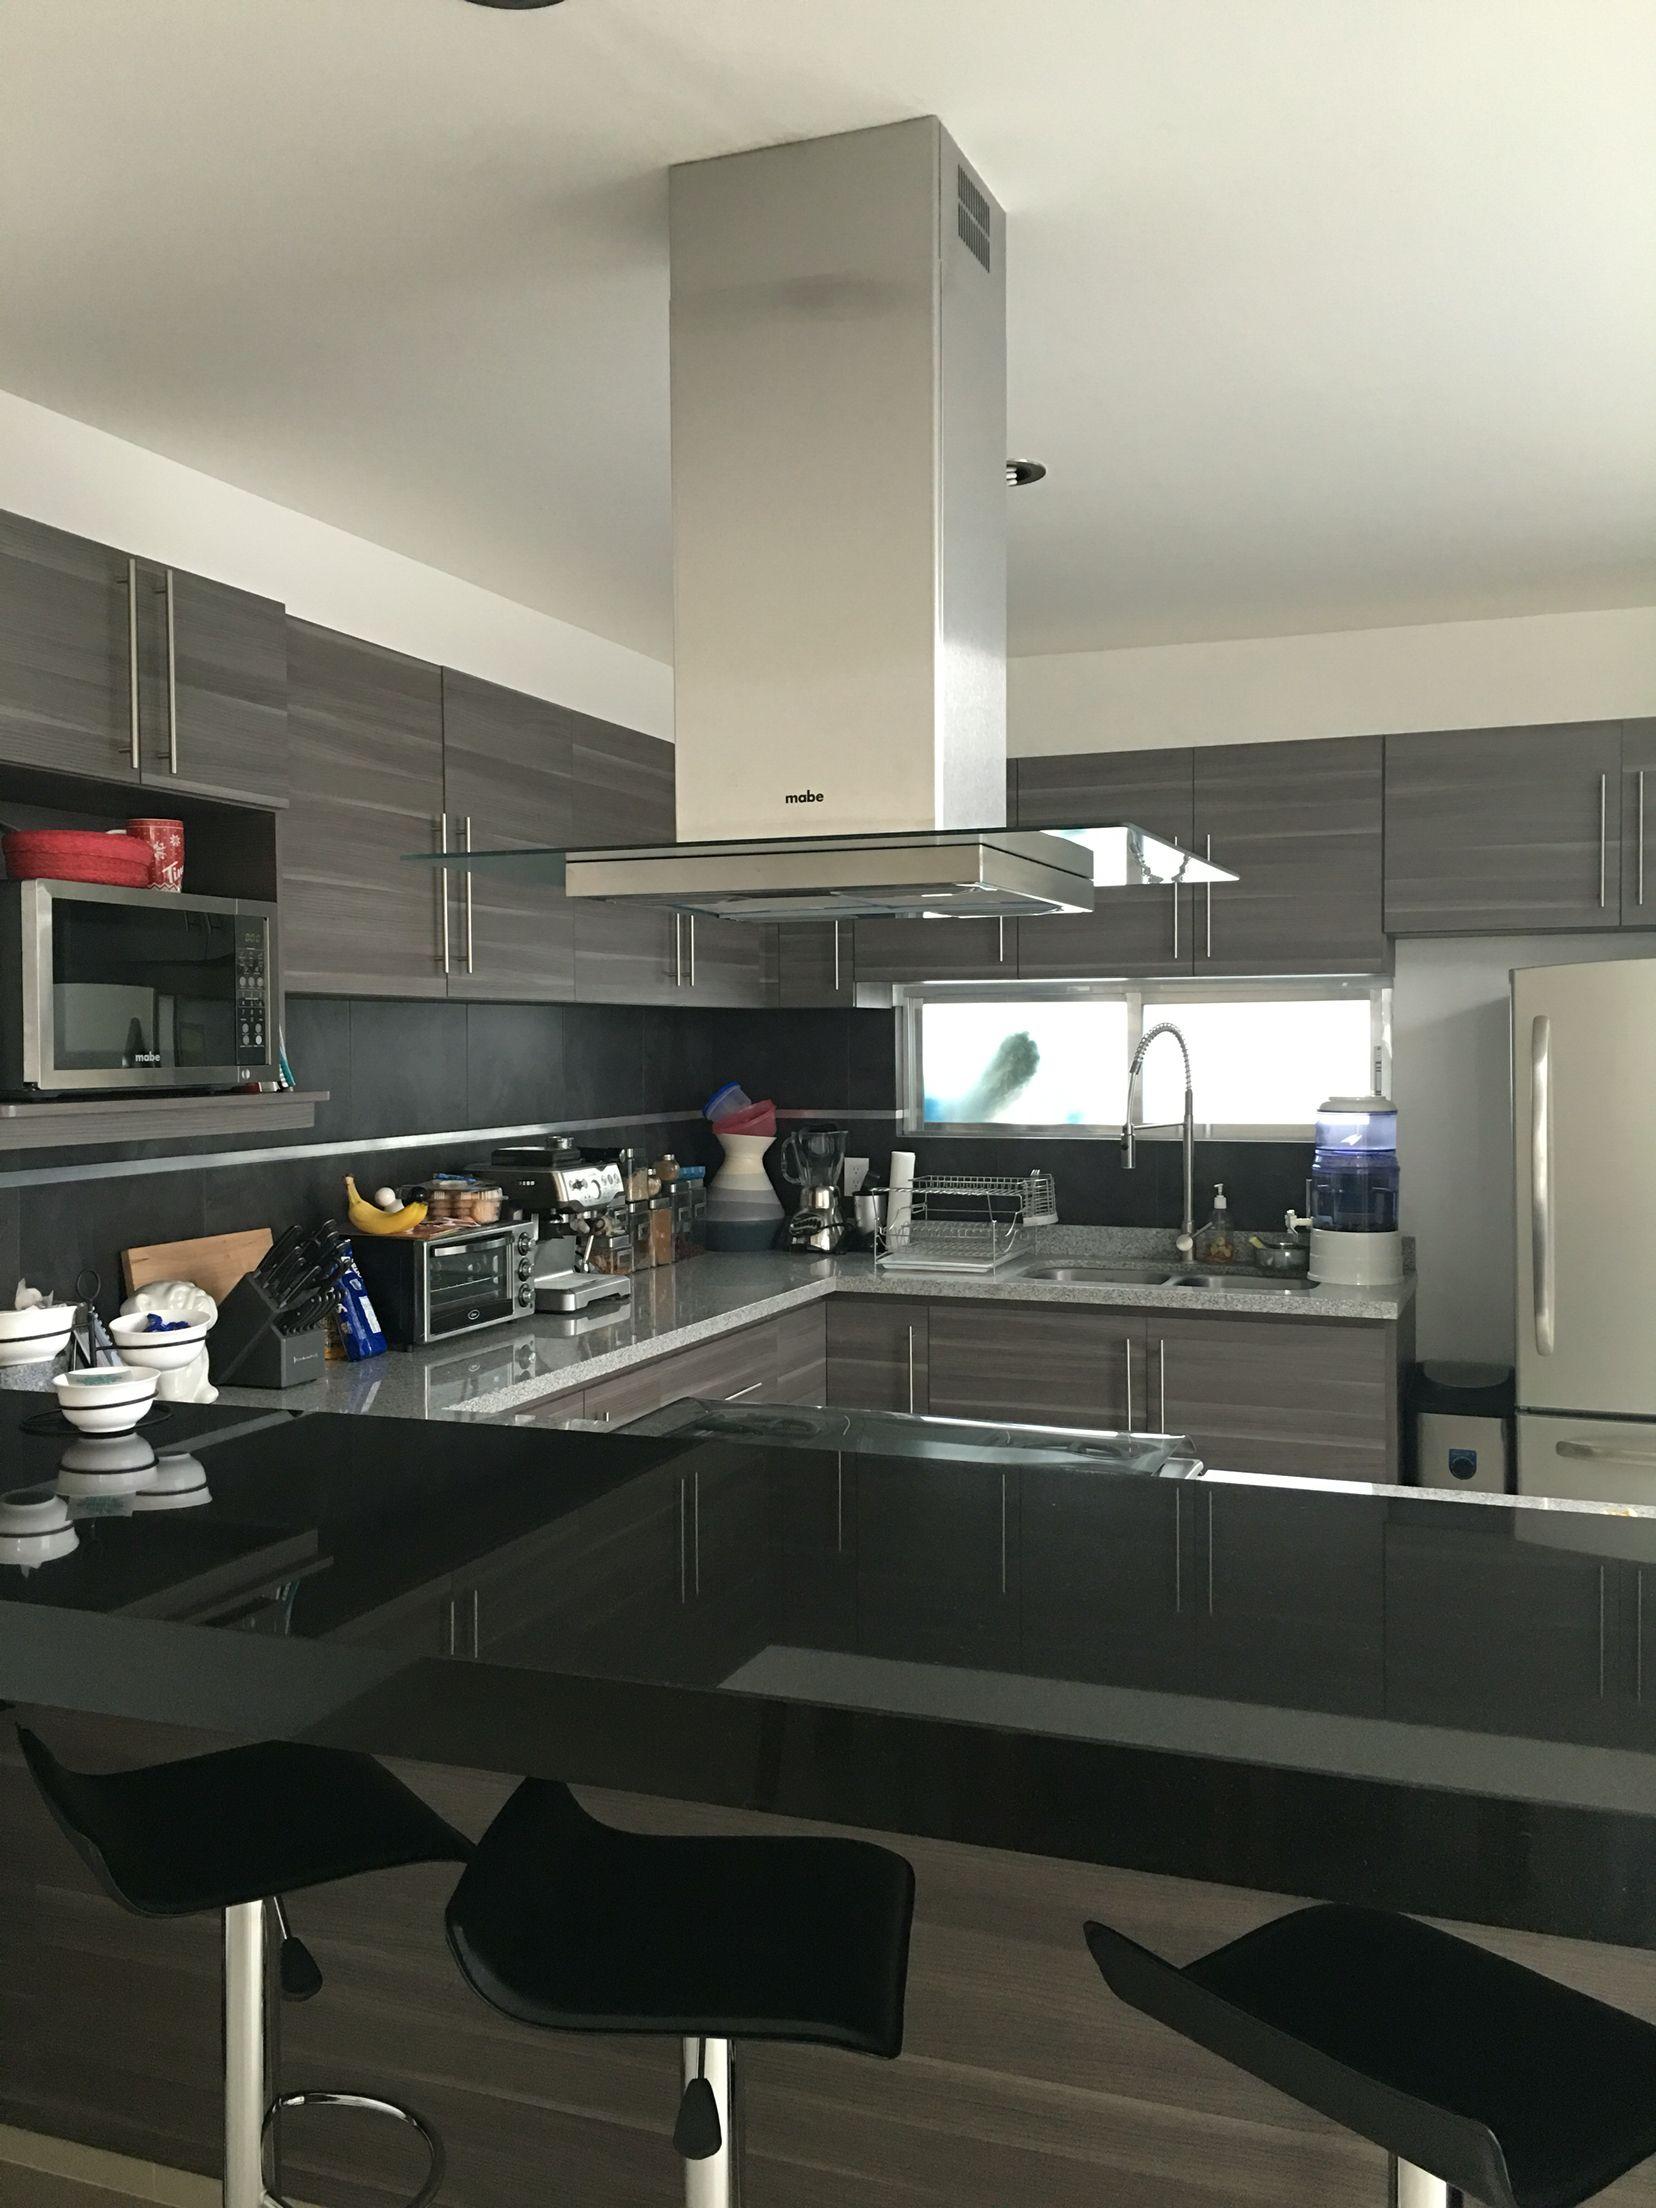 Cocina integral con barra de granito bicolor cocinas for Cocinas integrales modernas con barra